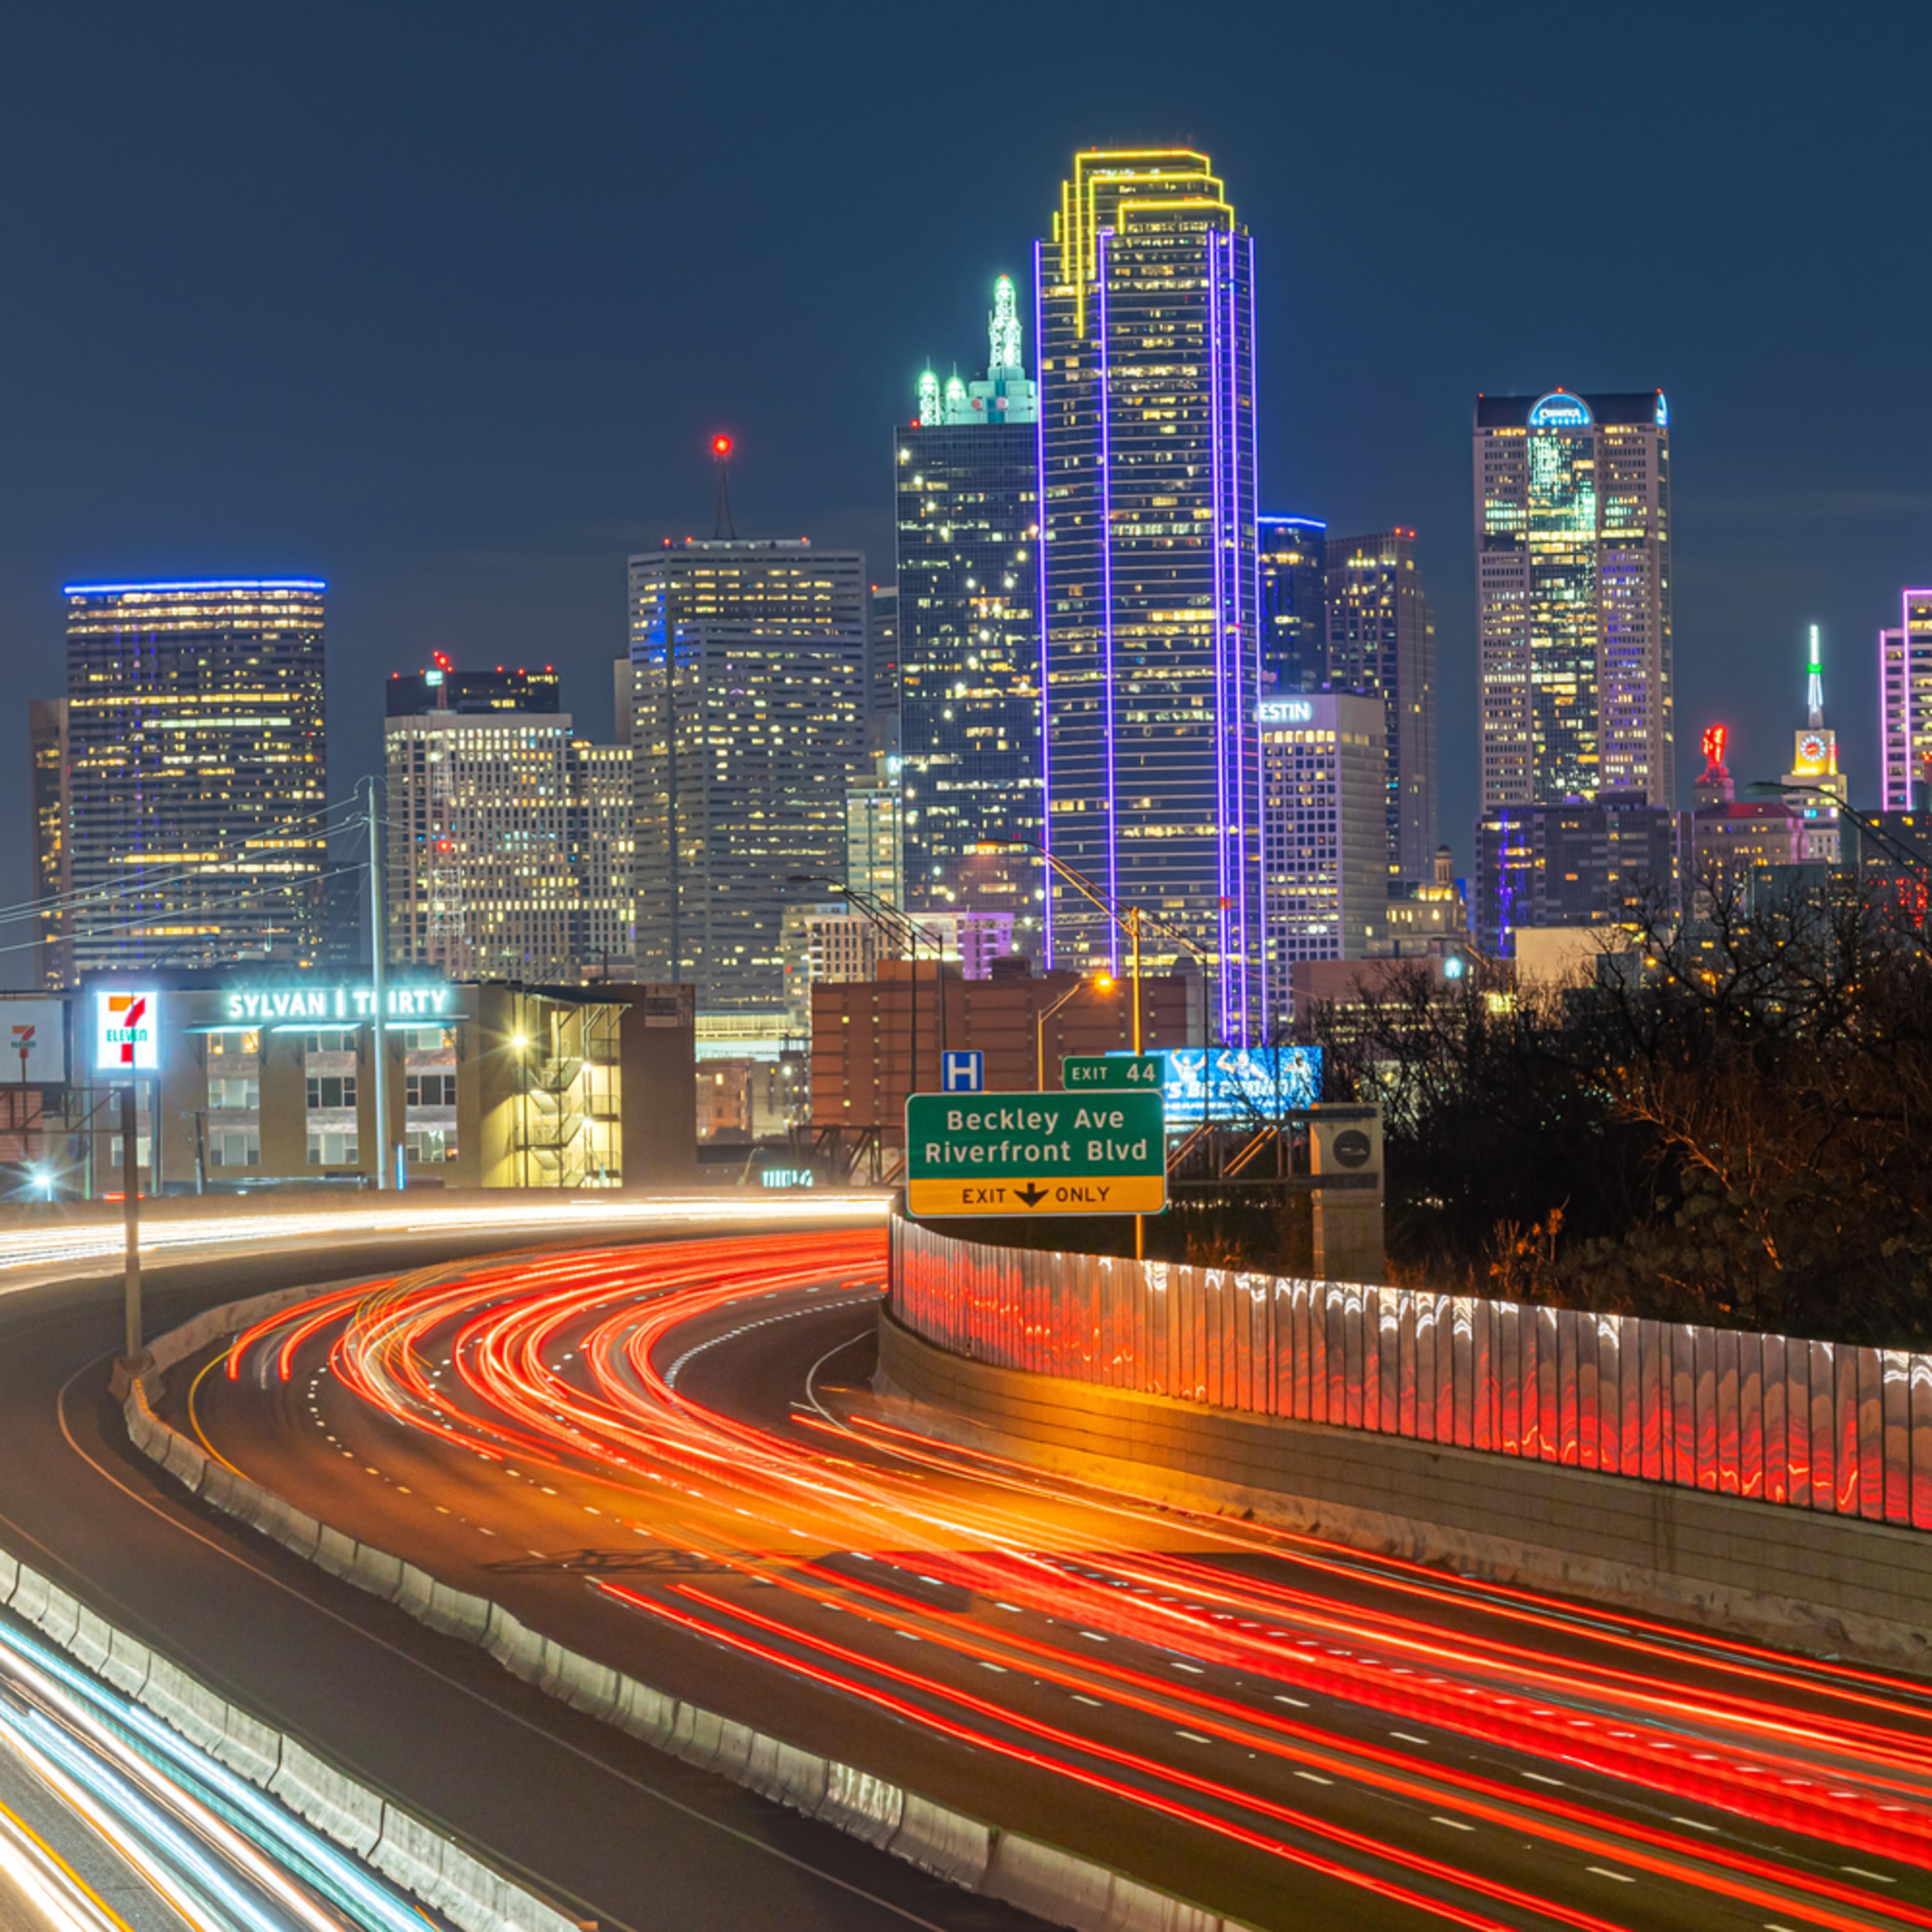 Dallas skyline and freeway dg9rku